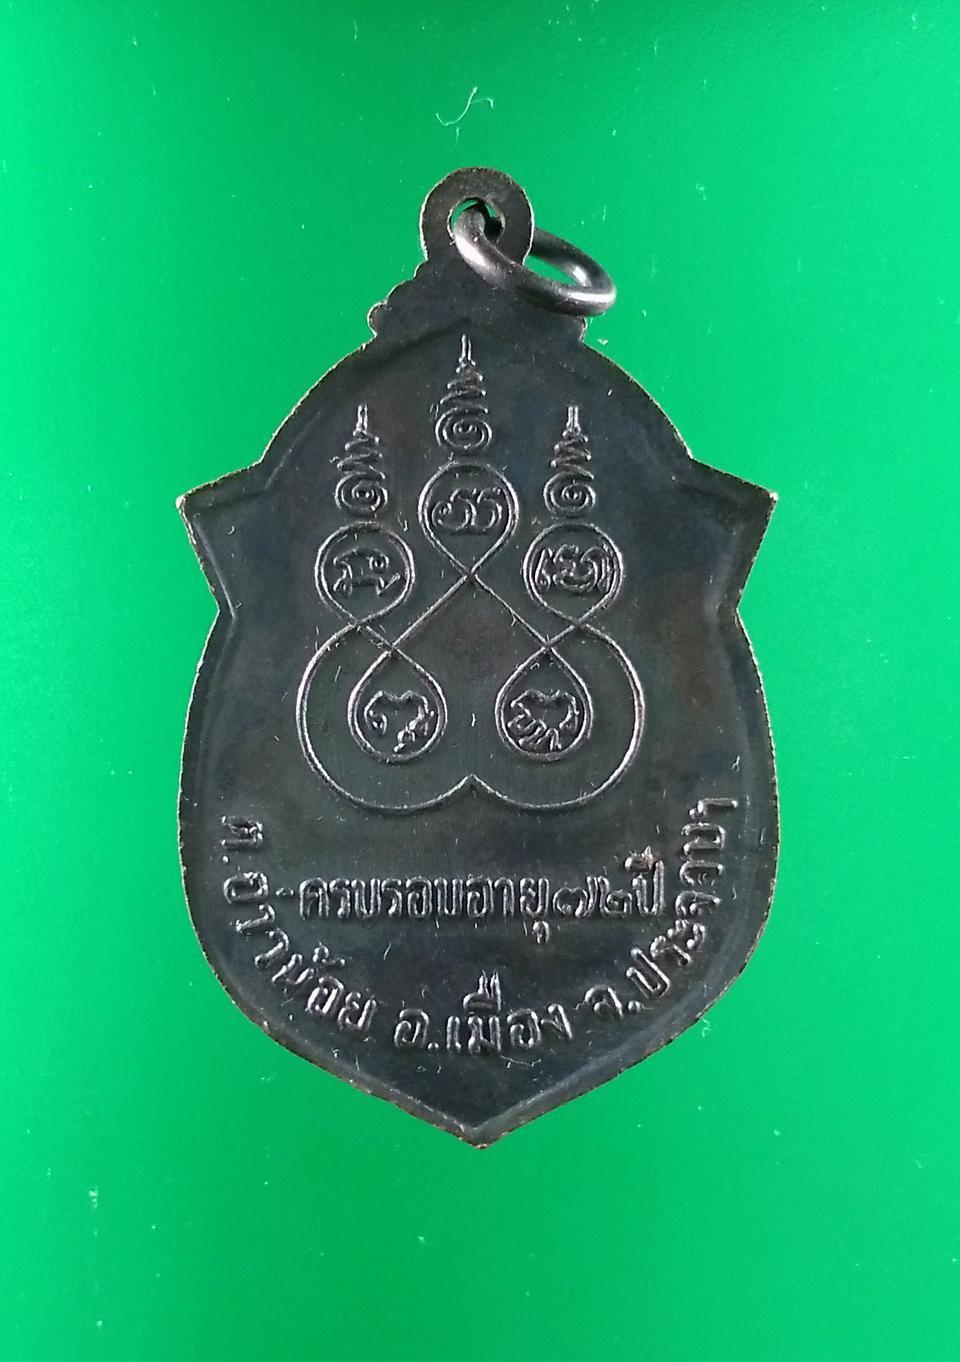 5696 เหรียญหลวงพ่อเชื้อ วัดนิคมคณาราม  ปี 2514 ครบรอบอายุ 72 ปี จ.ประจวบคีรีขันธิ์ รูปที่ 2